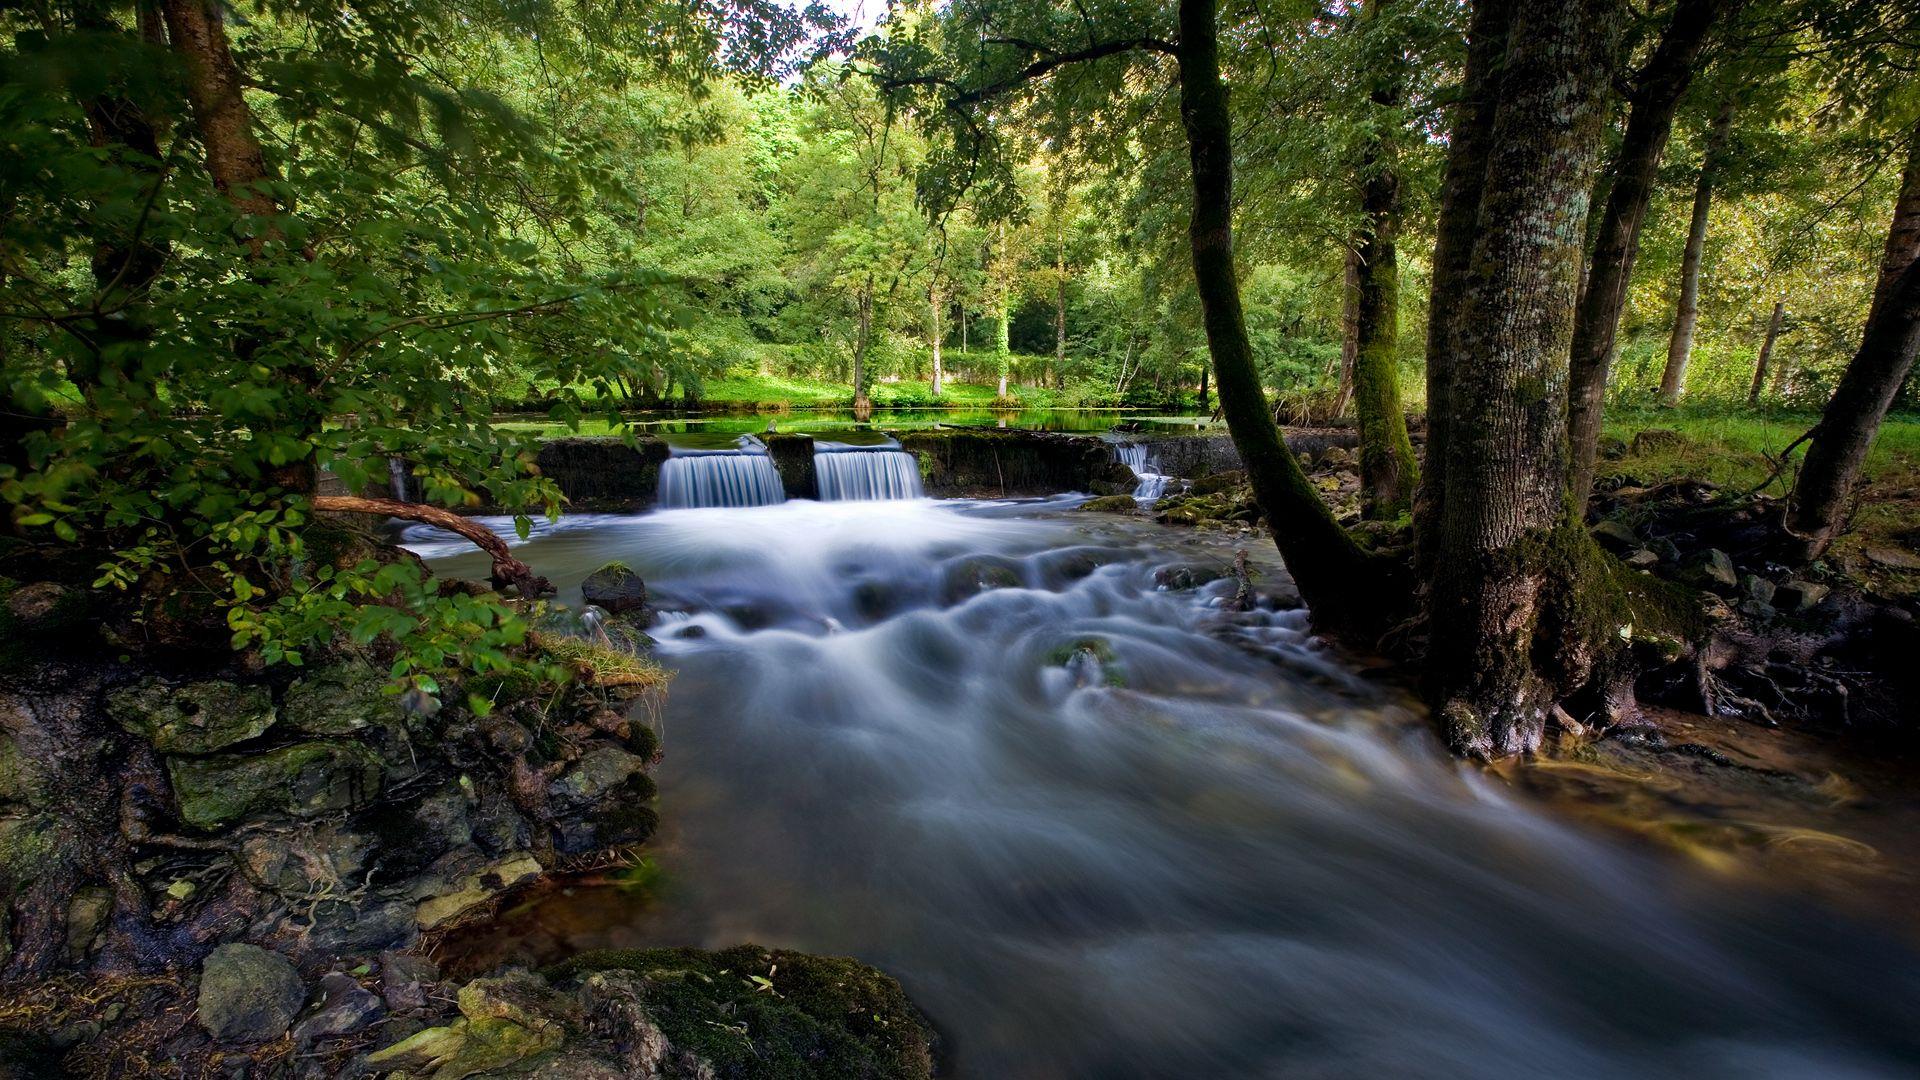 1080p Hd Wallpapers Landscape Waterfall Hd Wallpaper